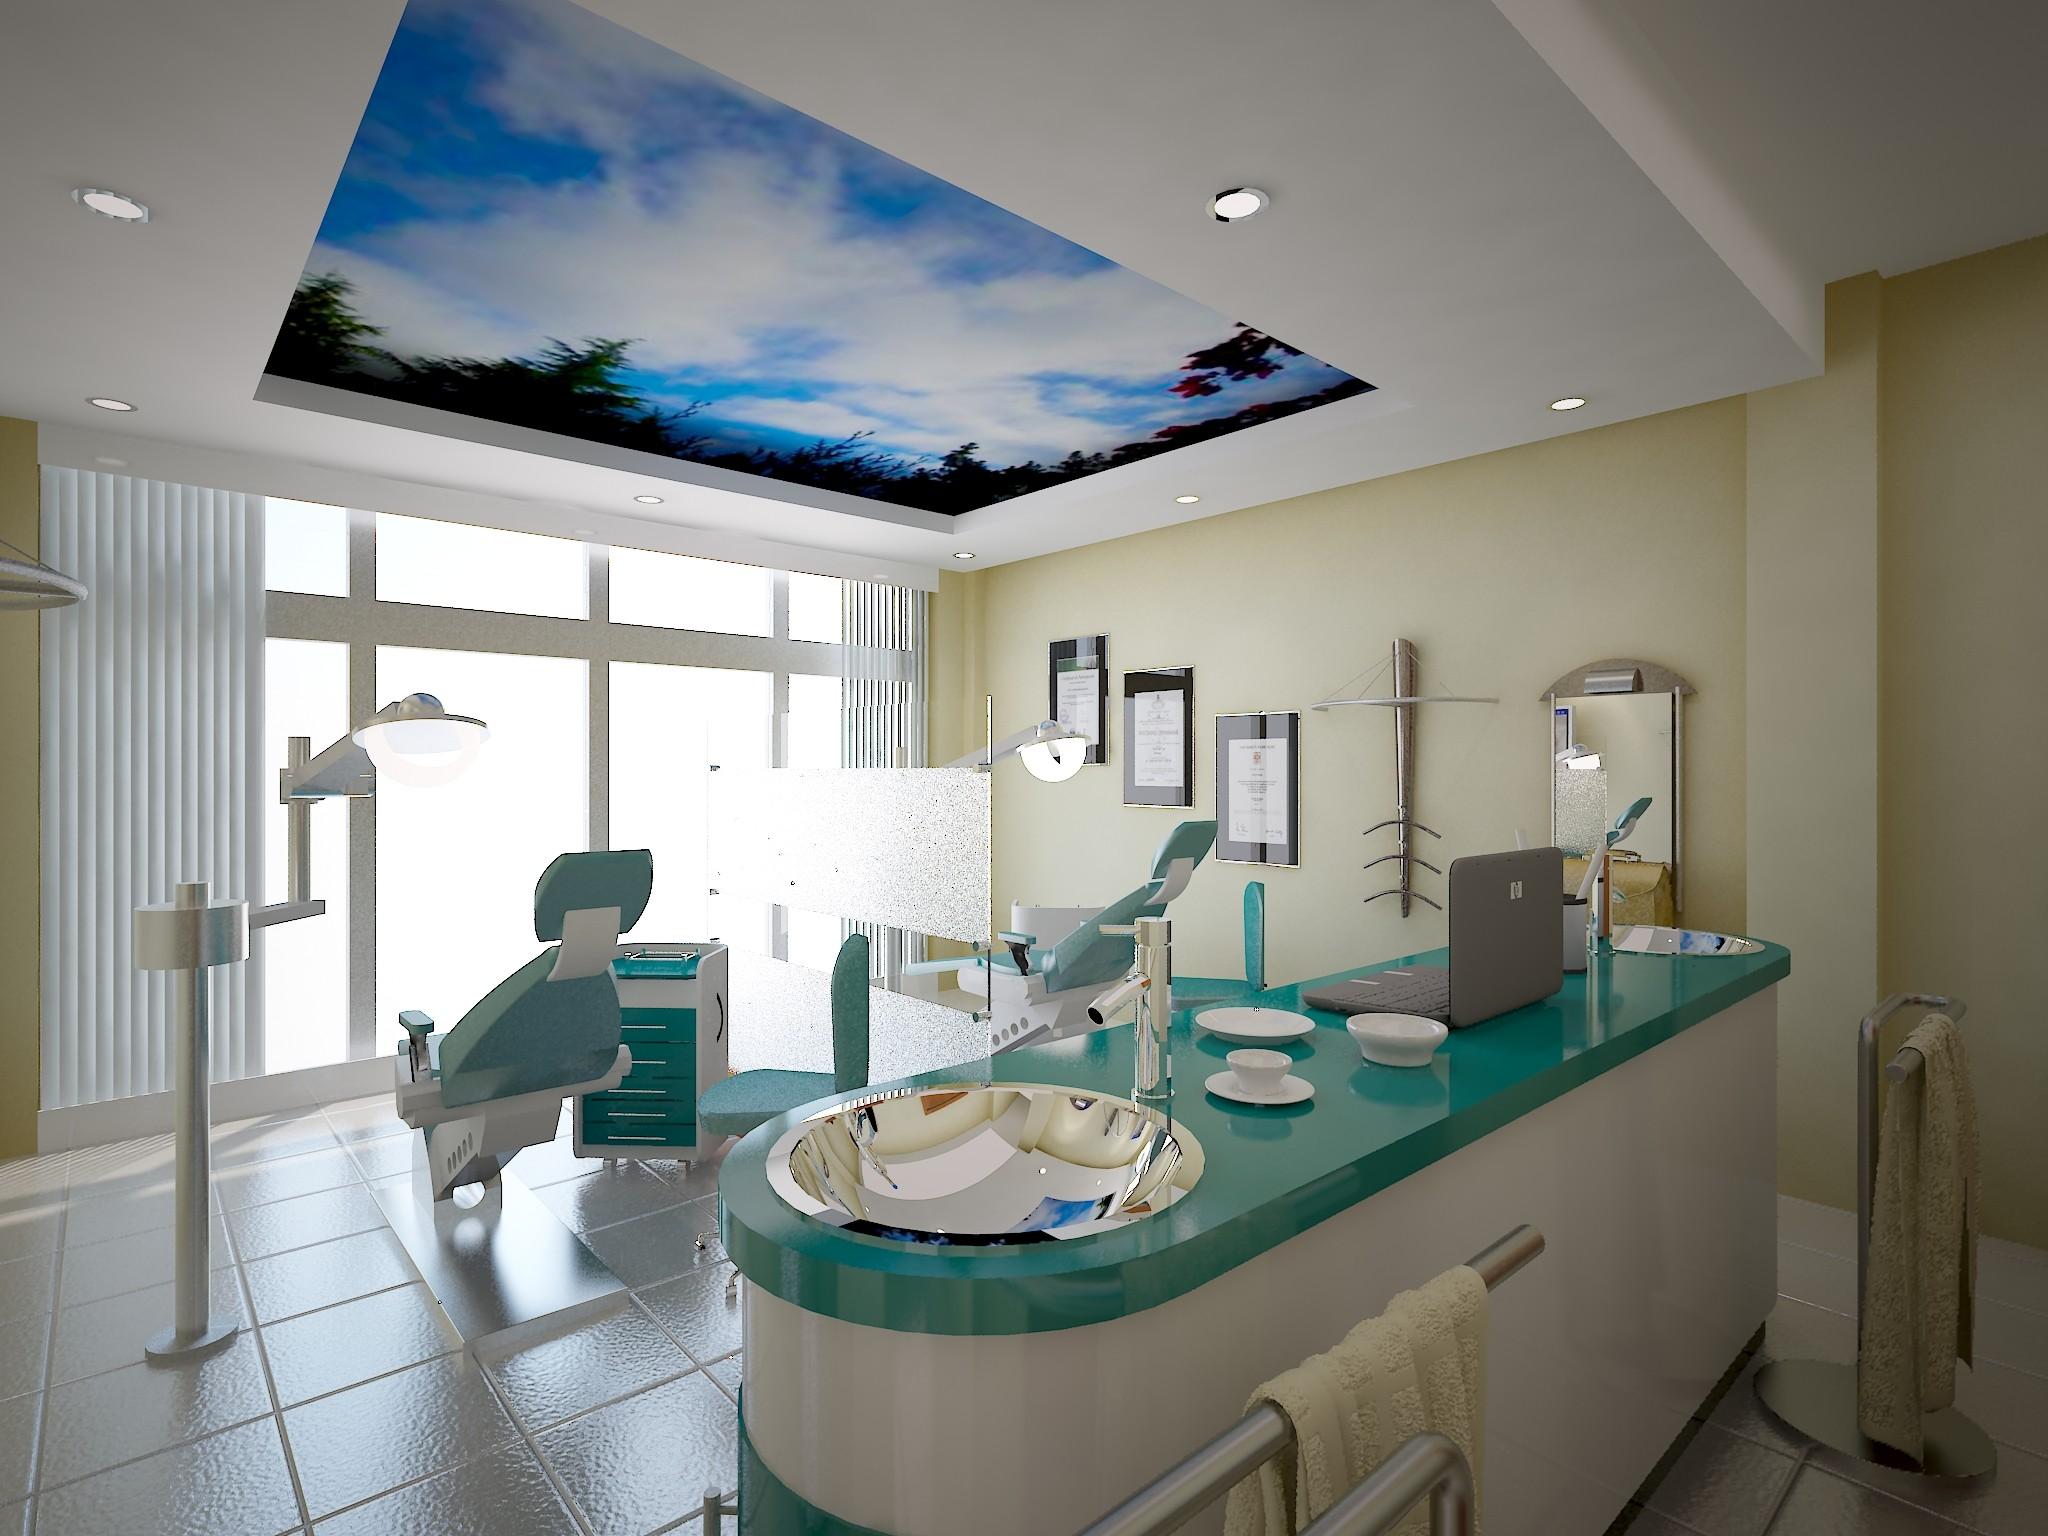 144 best Dental office images on Pinterest | Office designs, Clinic design  and Dental office design